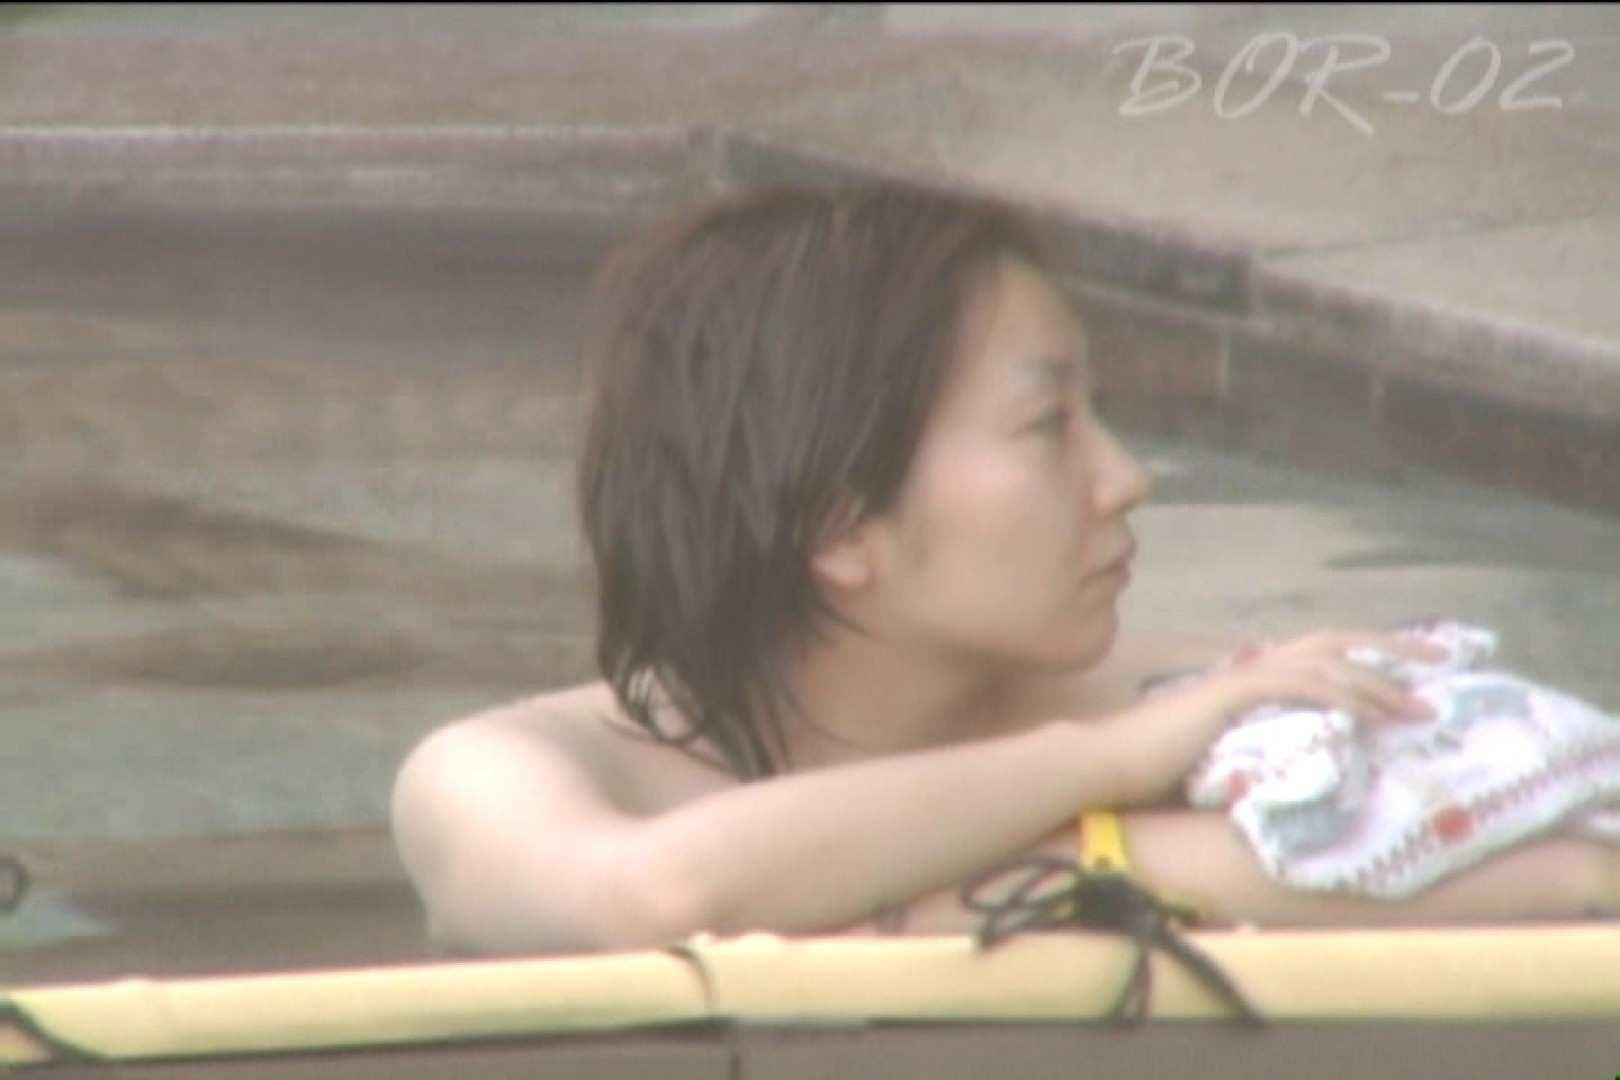 Aquaな露天風呂Vol.479 盗撮師作品 セックス無修正動画無料 92pic 53